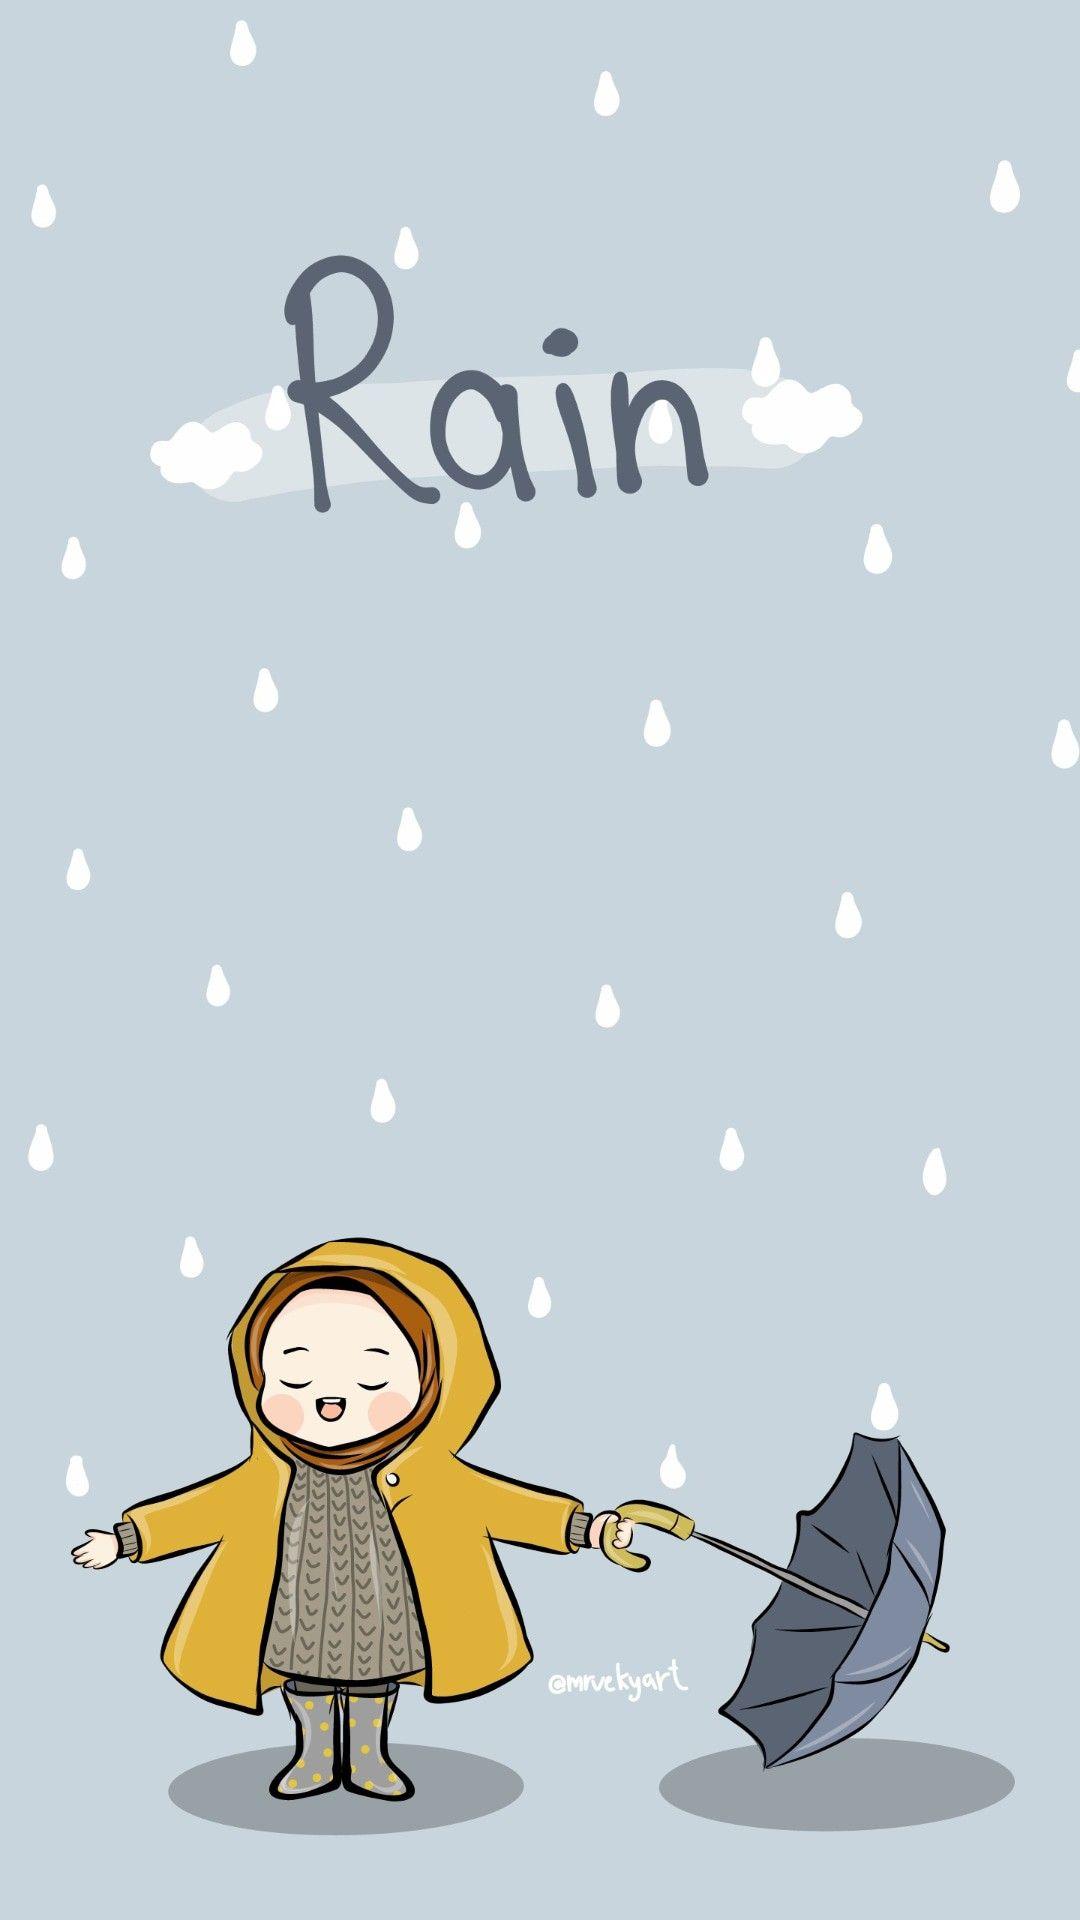 Rain Wallpaper Kartun Ilustrasi Lucu Ilustrasi Karakter